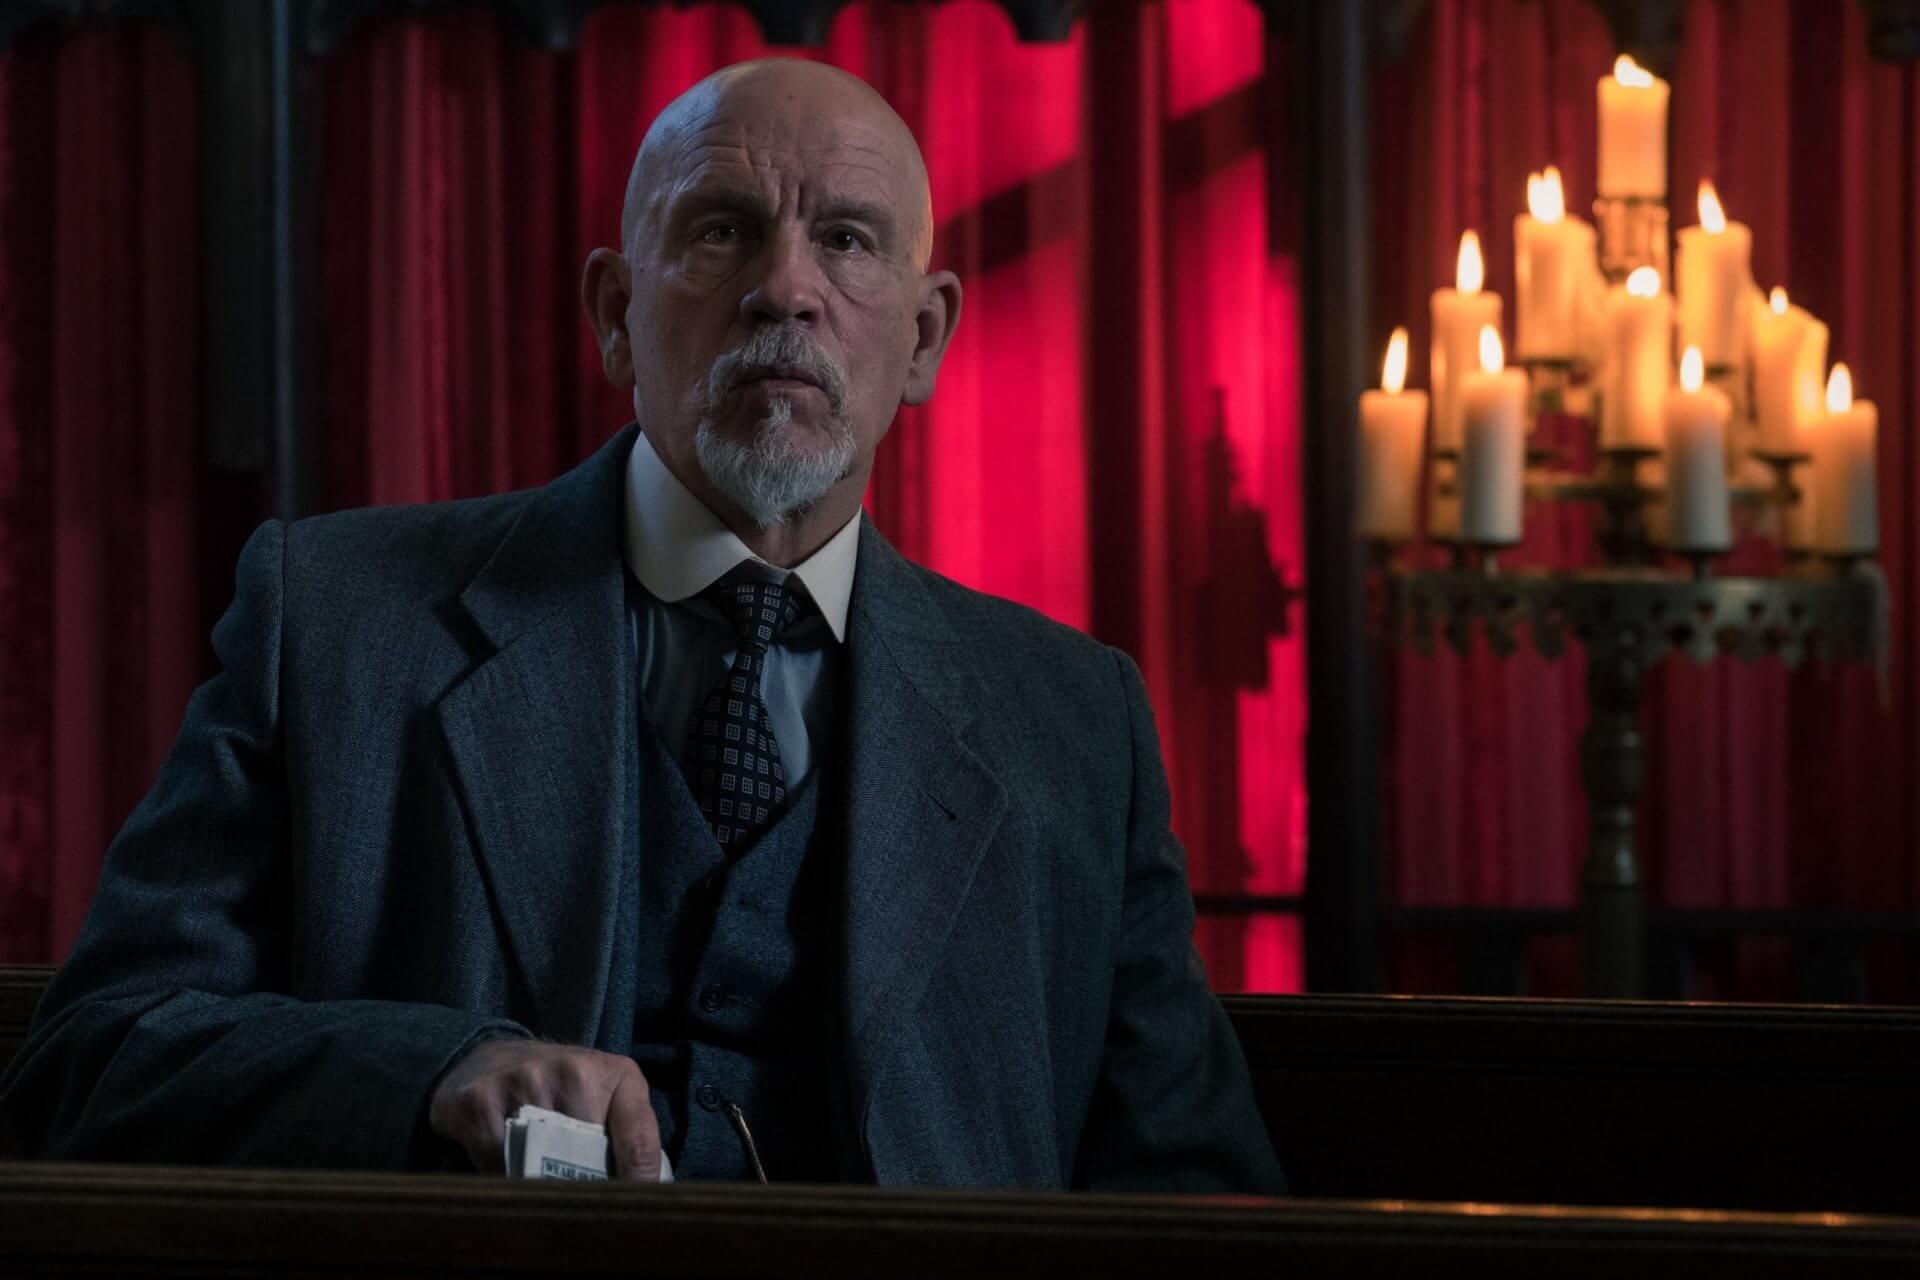 Os Crimes ABC estreia em março na Globoplay